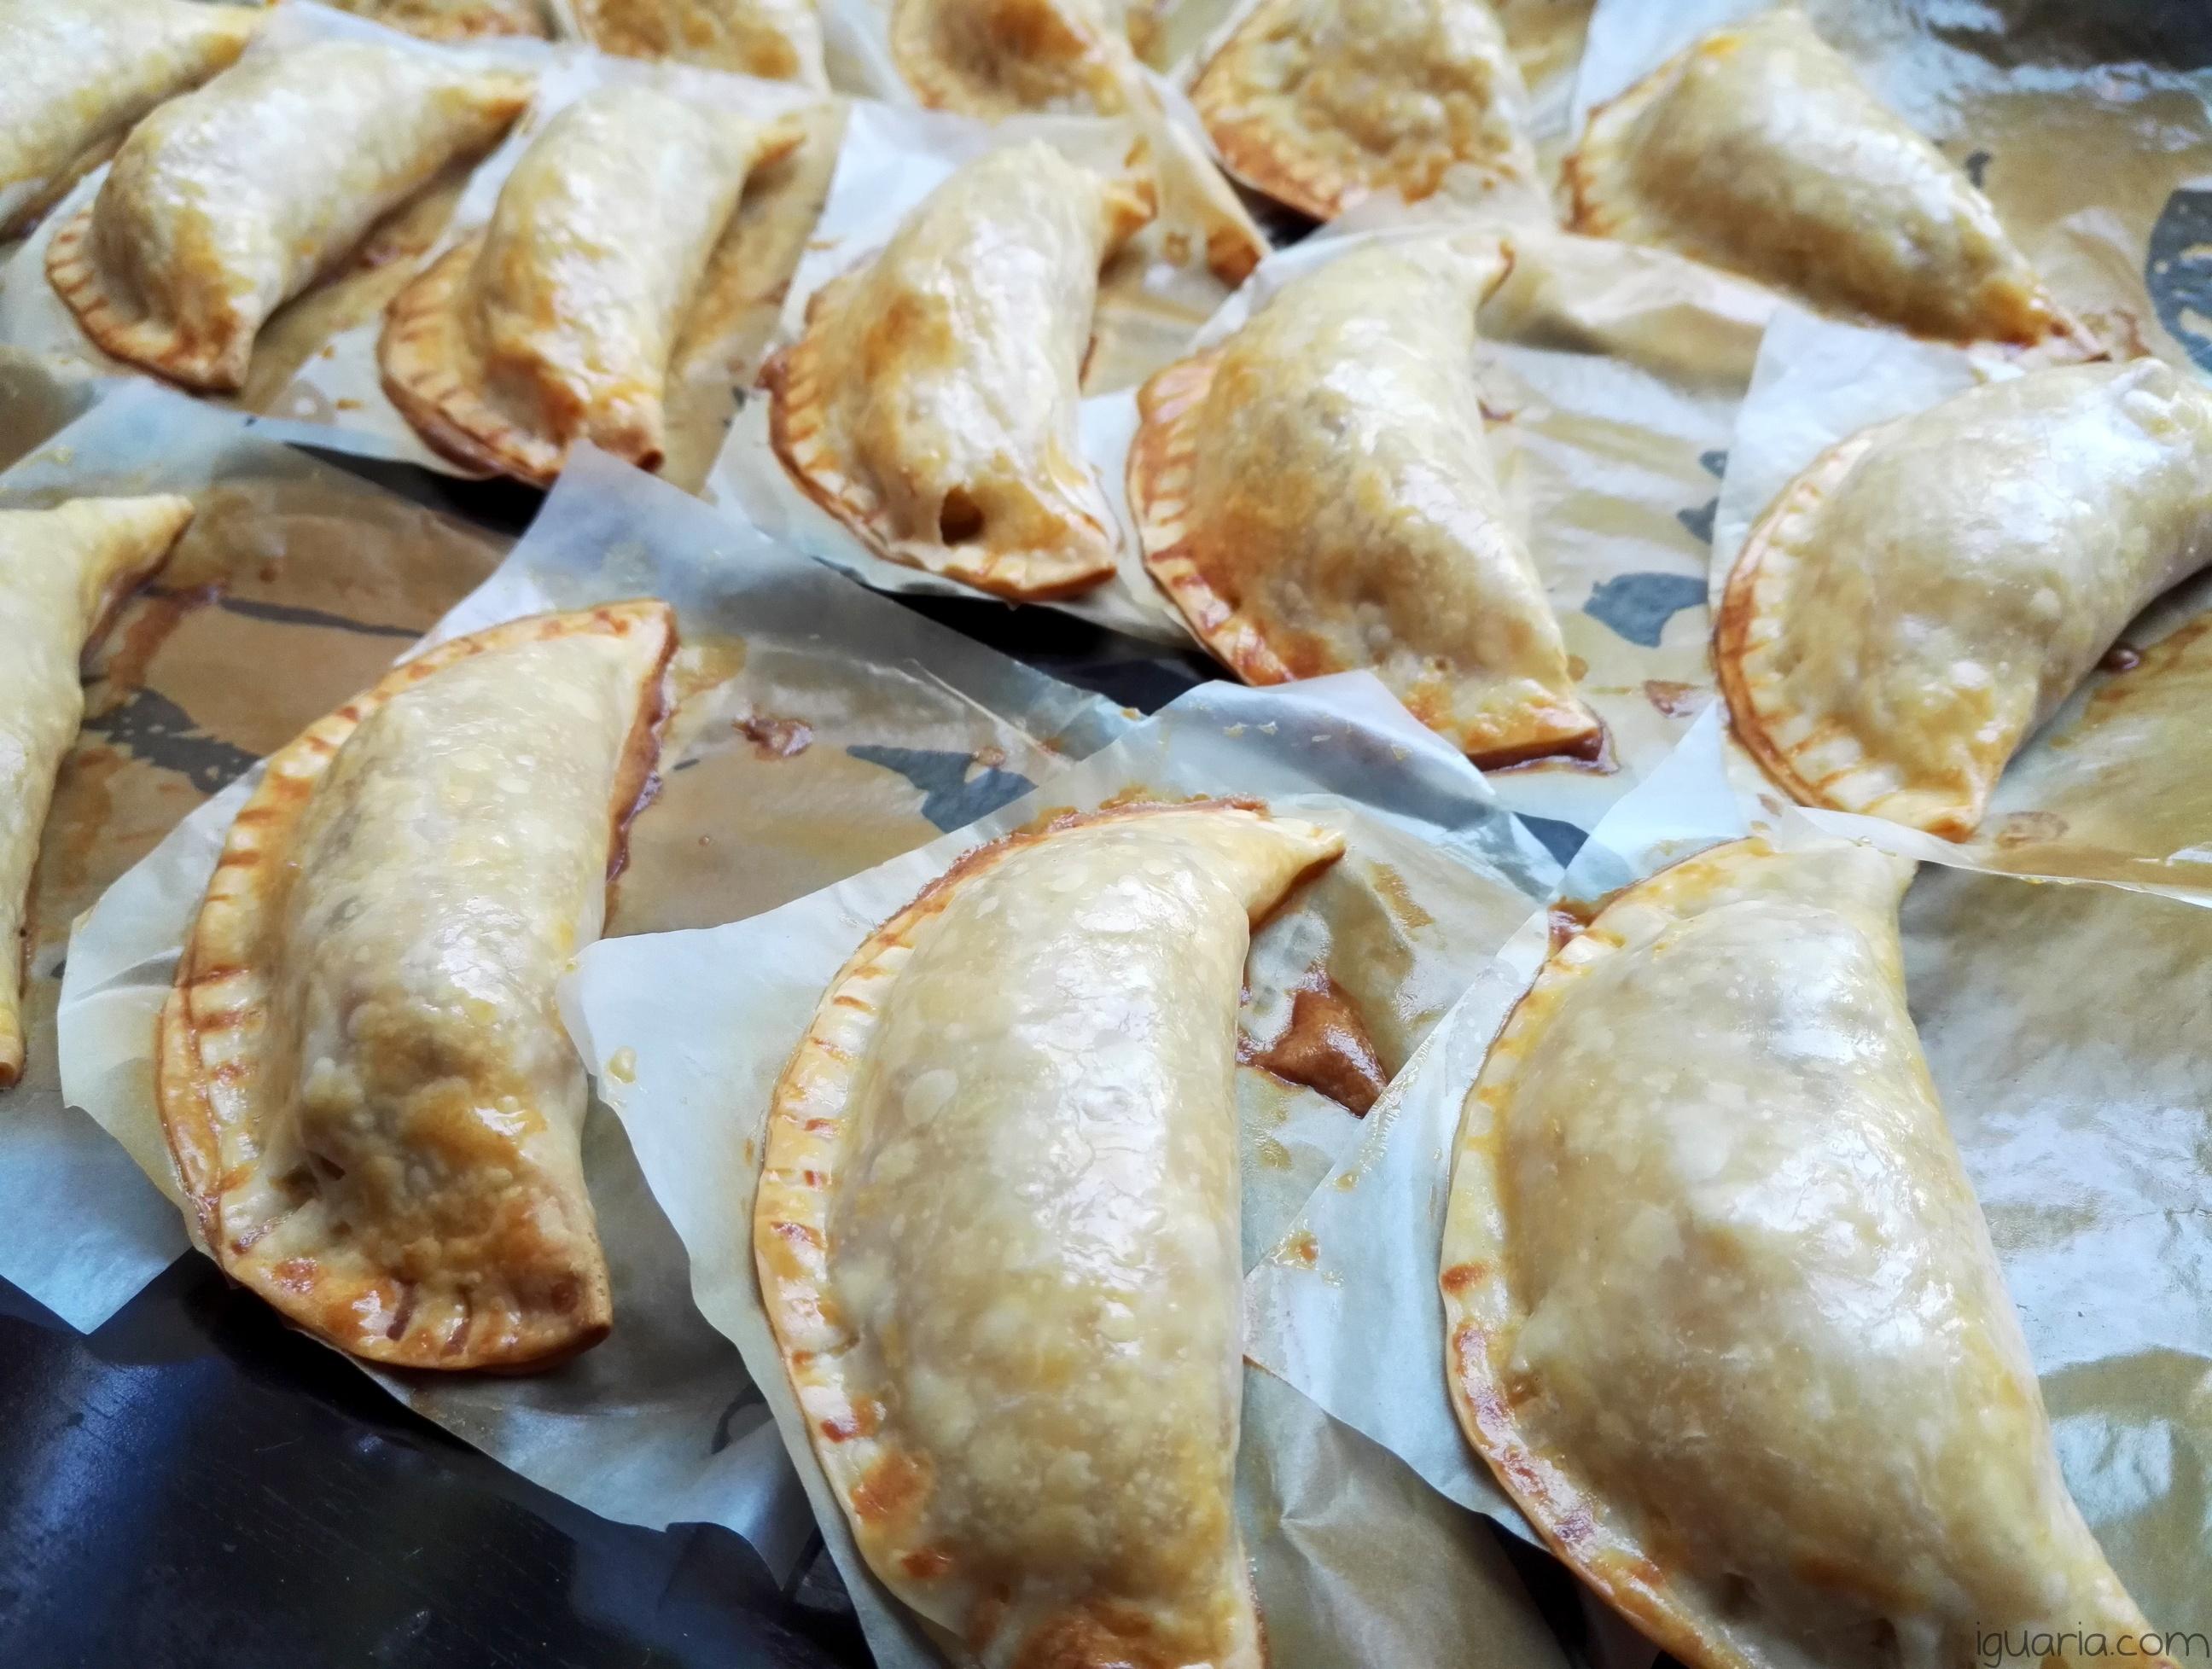 iguaria-pasteis-cozinhados